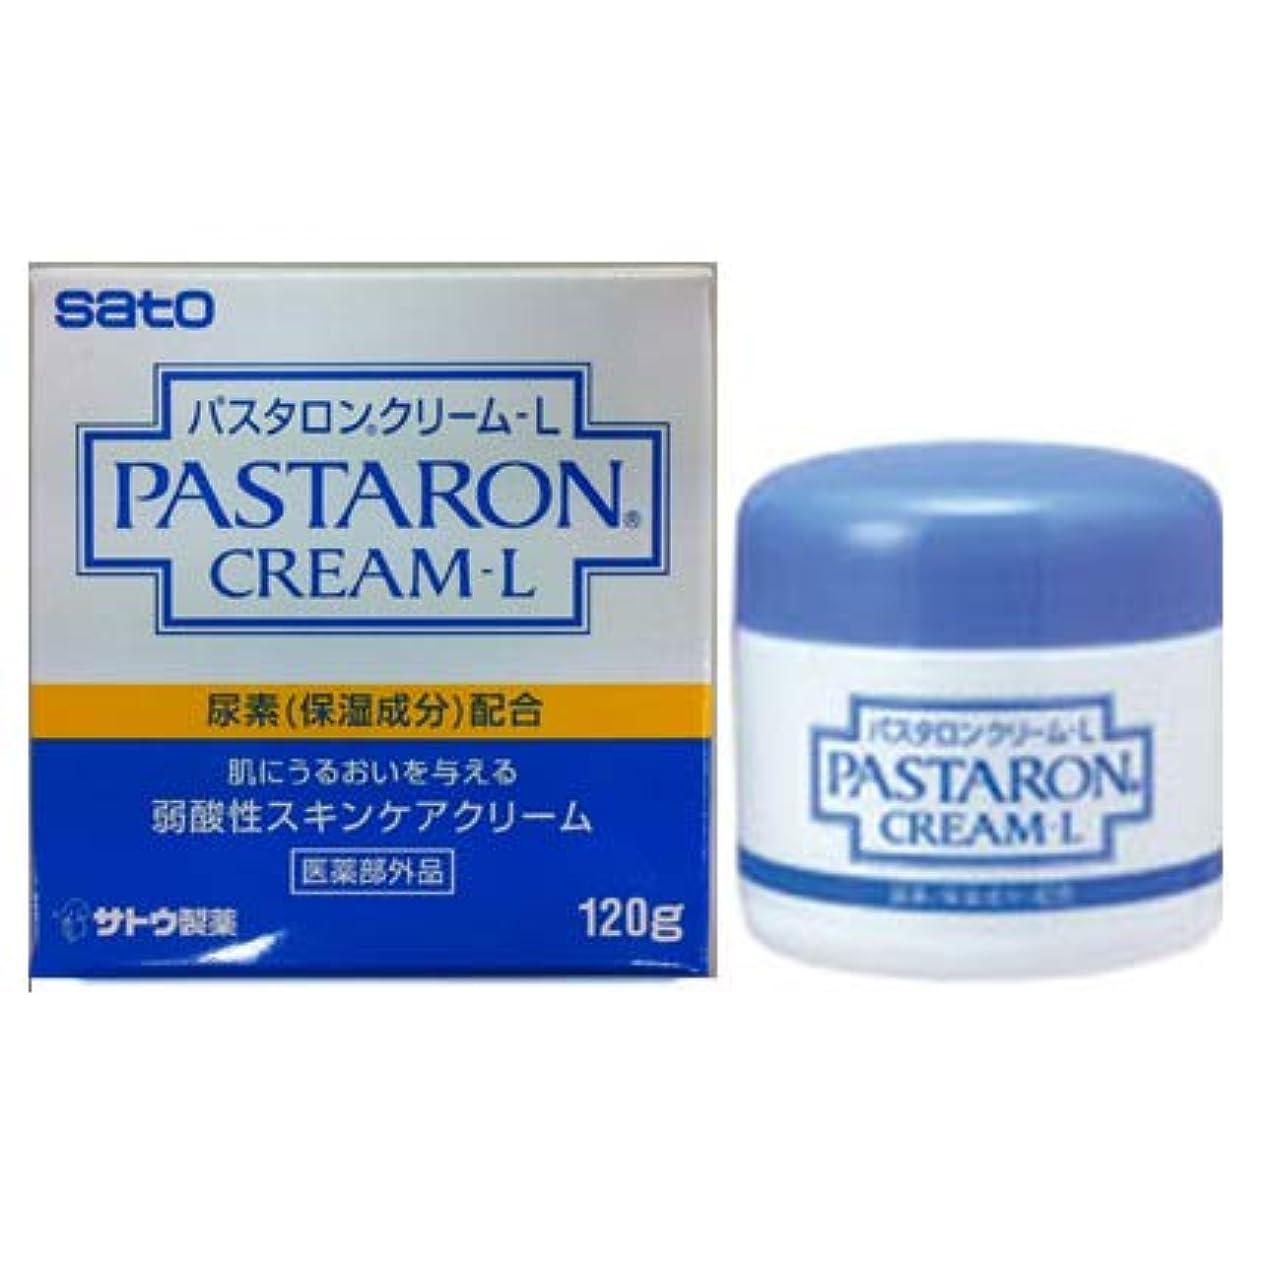 リングレットトーク支払いパスタロンクリームL 120g×10個セット【医薬部外品】